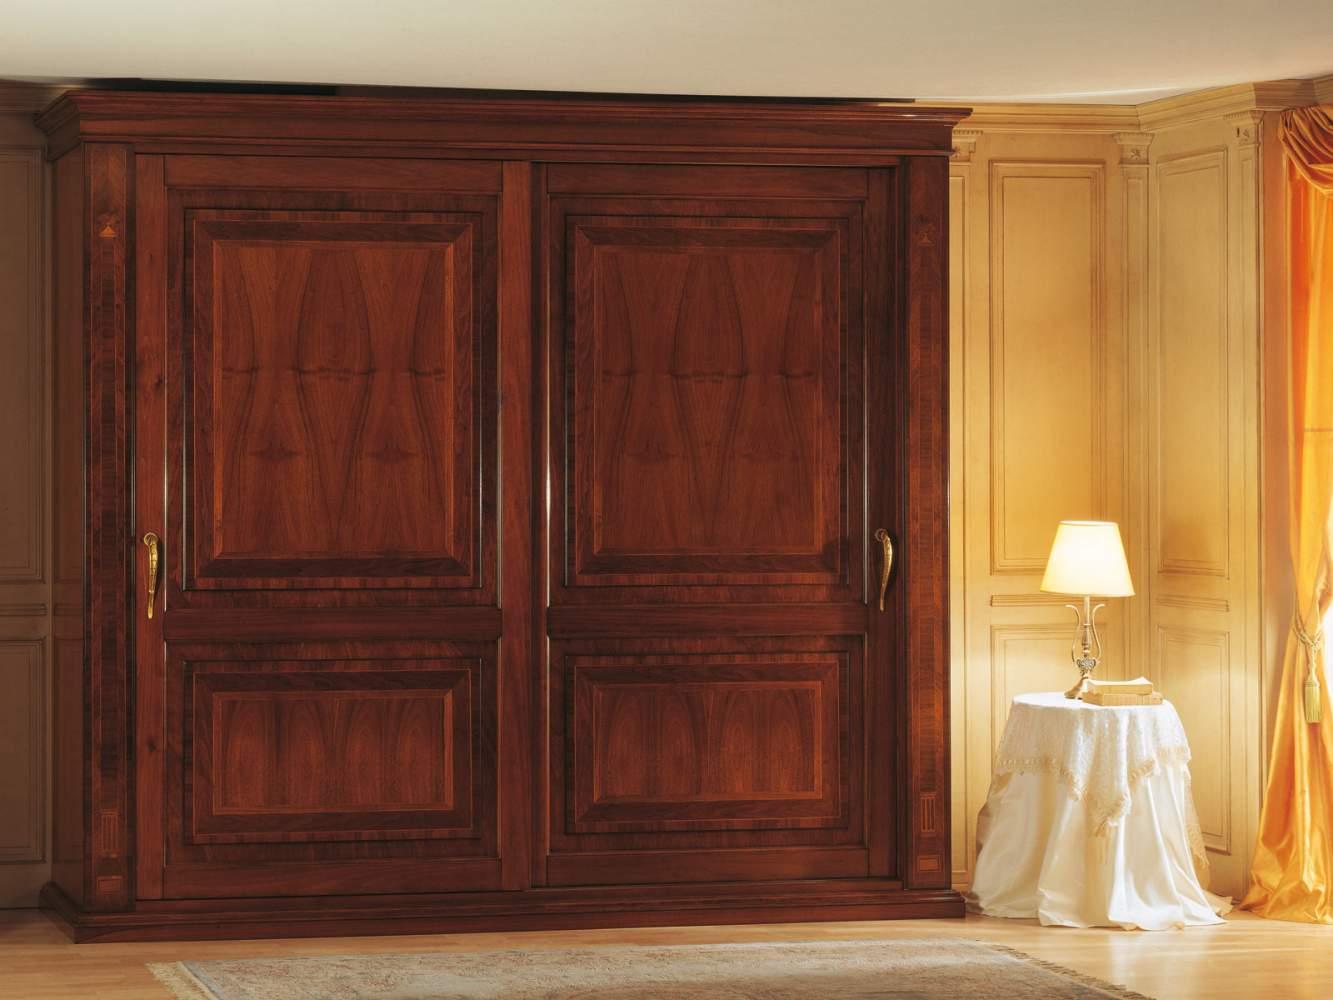 Camera da letto 800 francese armadio due ante con intarsi vimercati meda - Camera da letto in francese ...